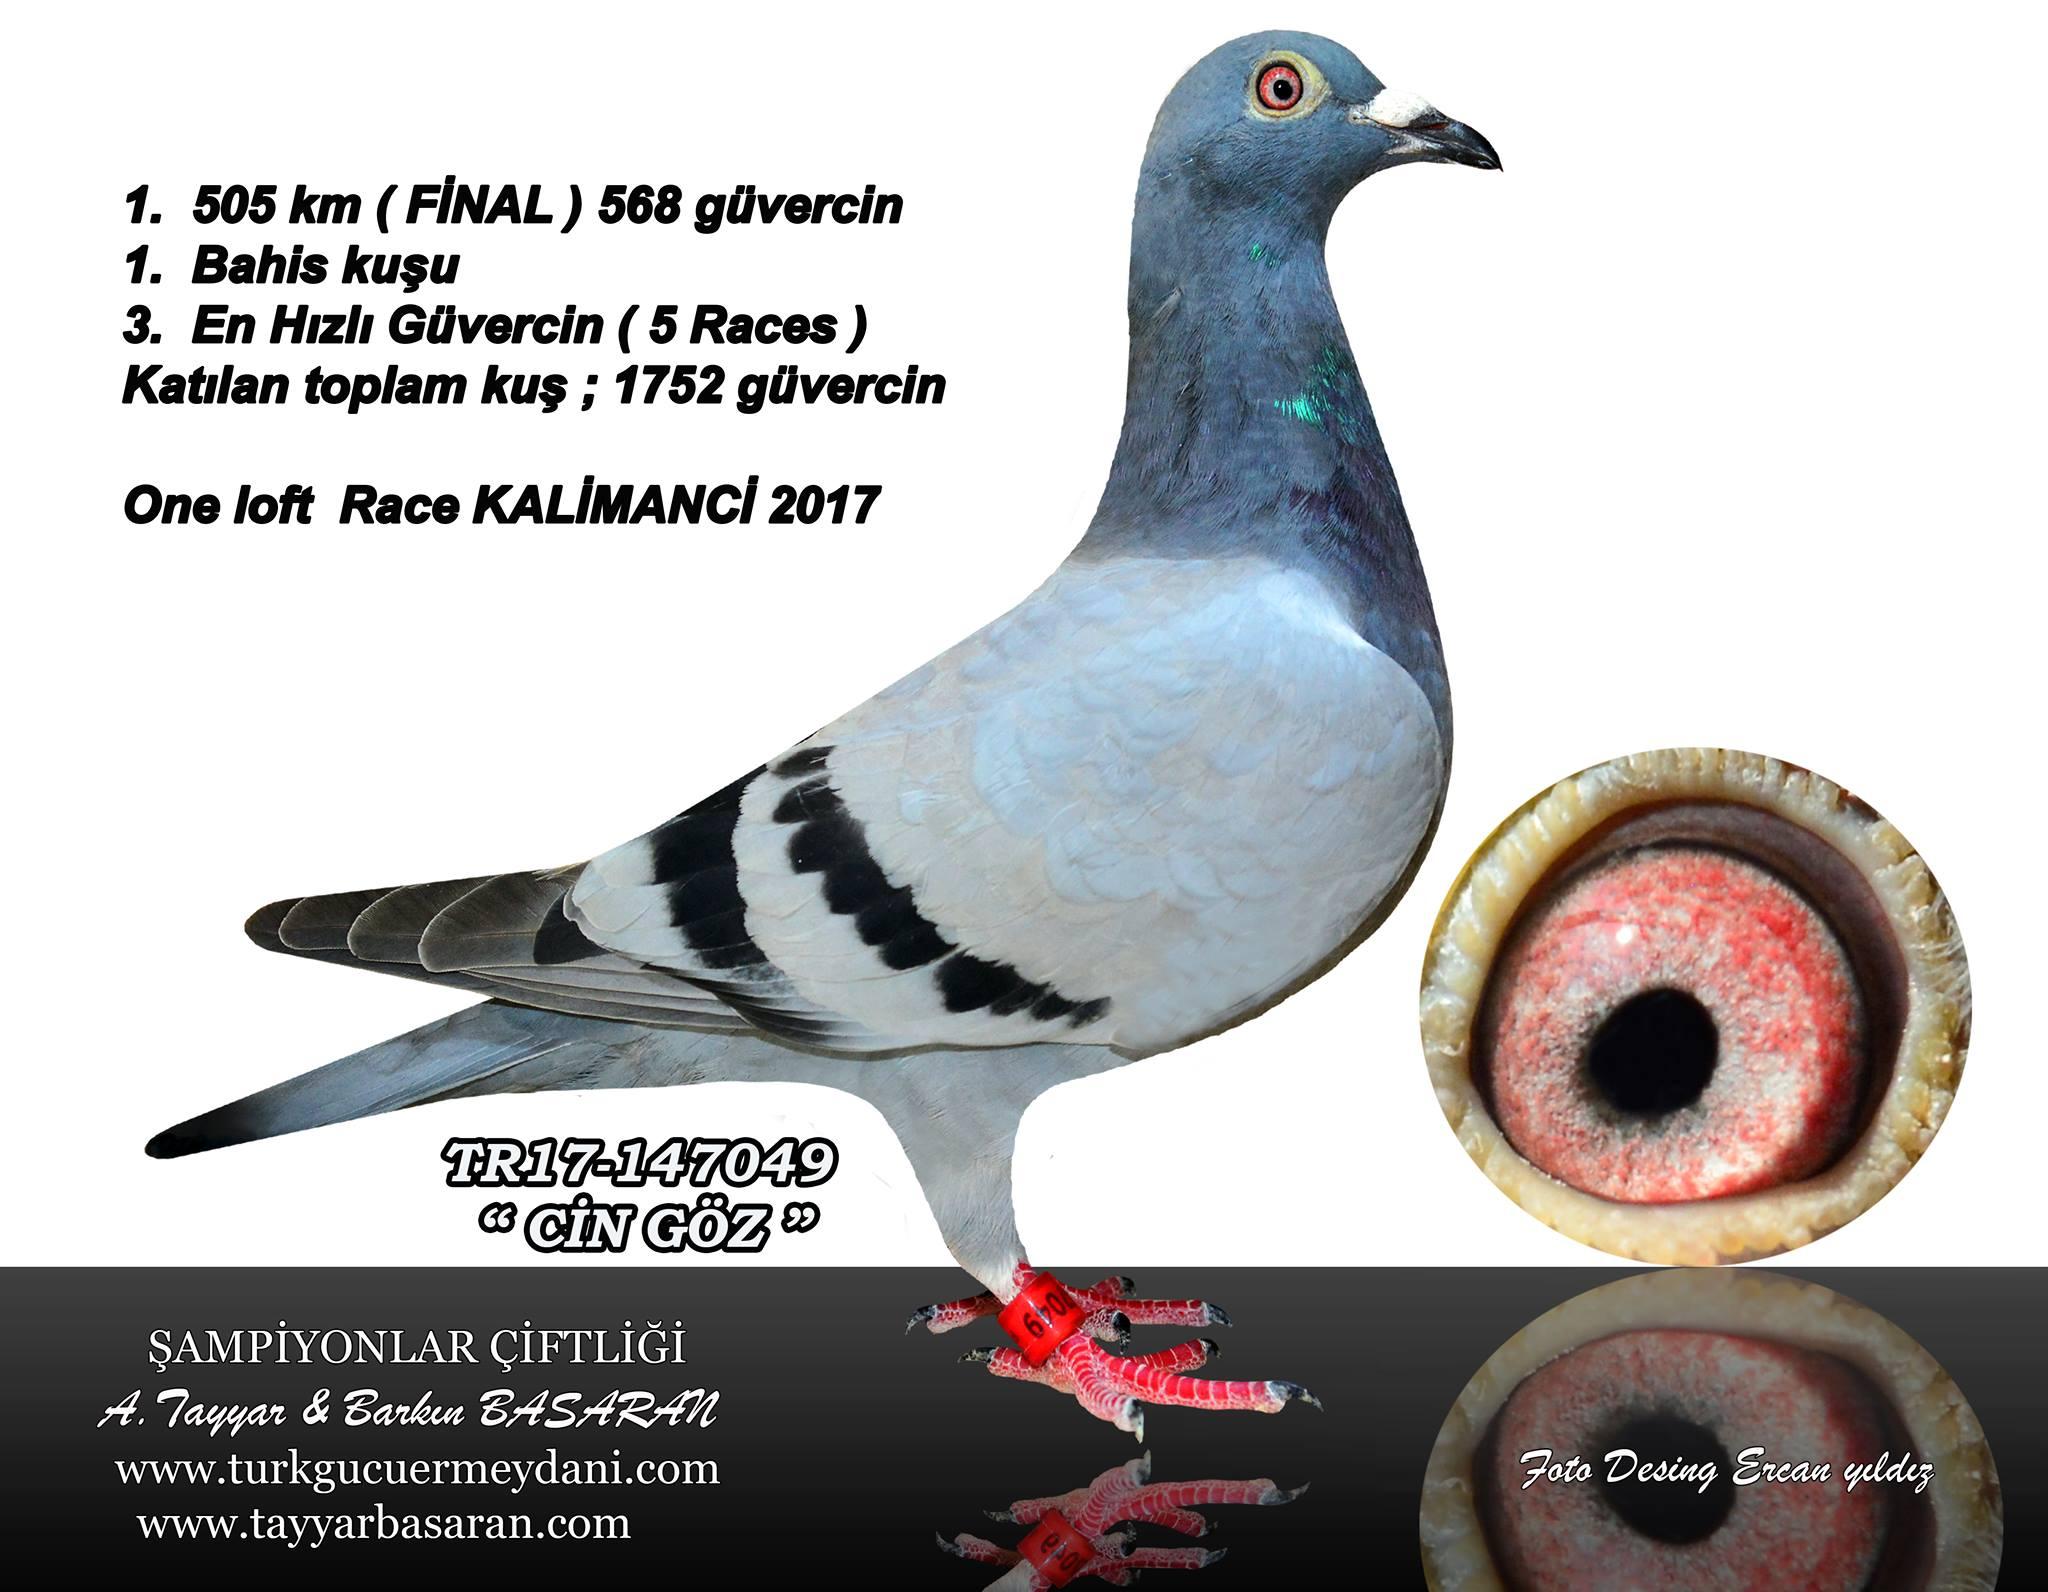 TR-18-206758 DİŞİ